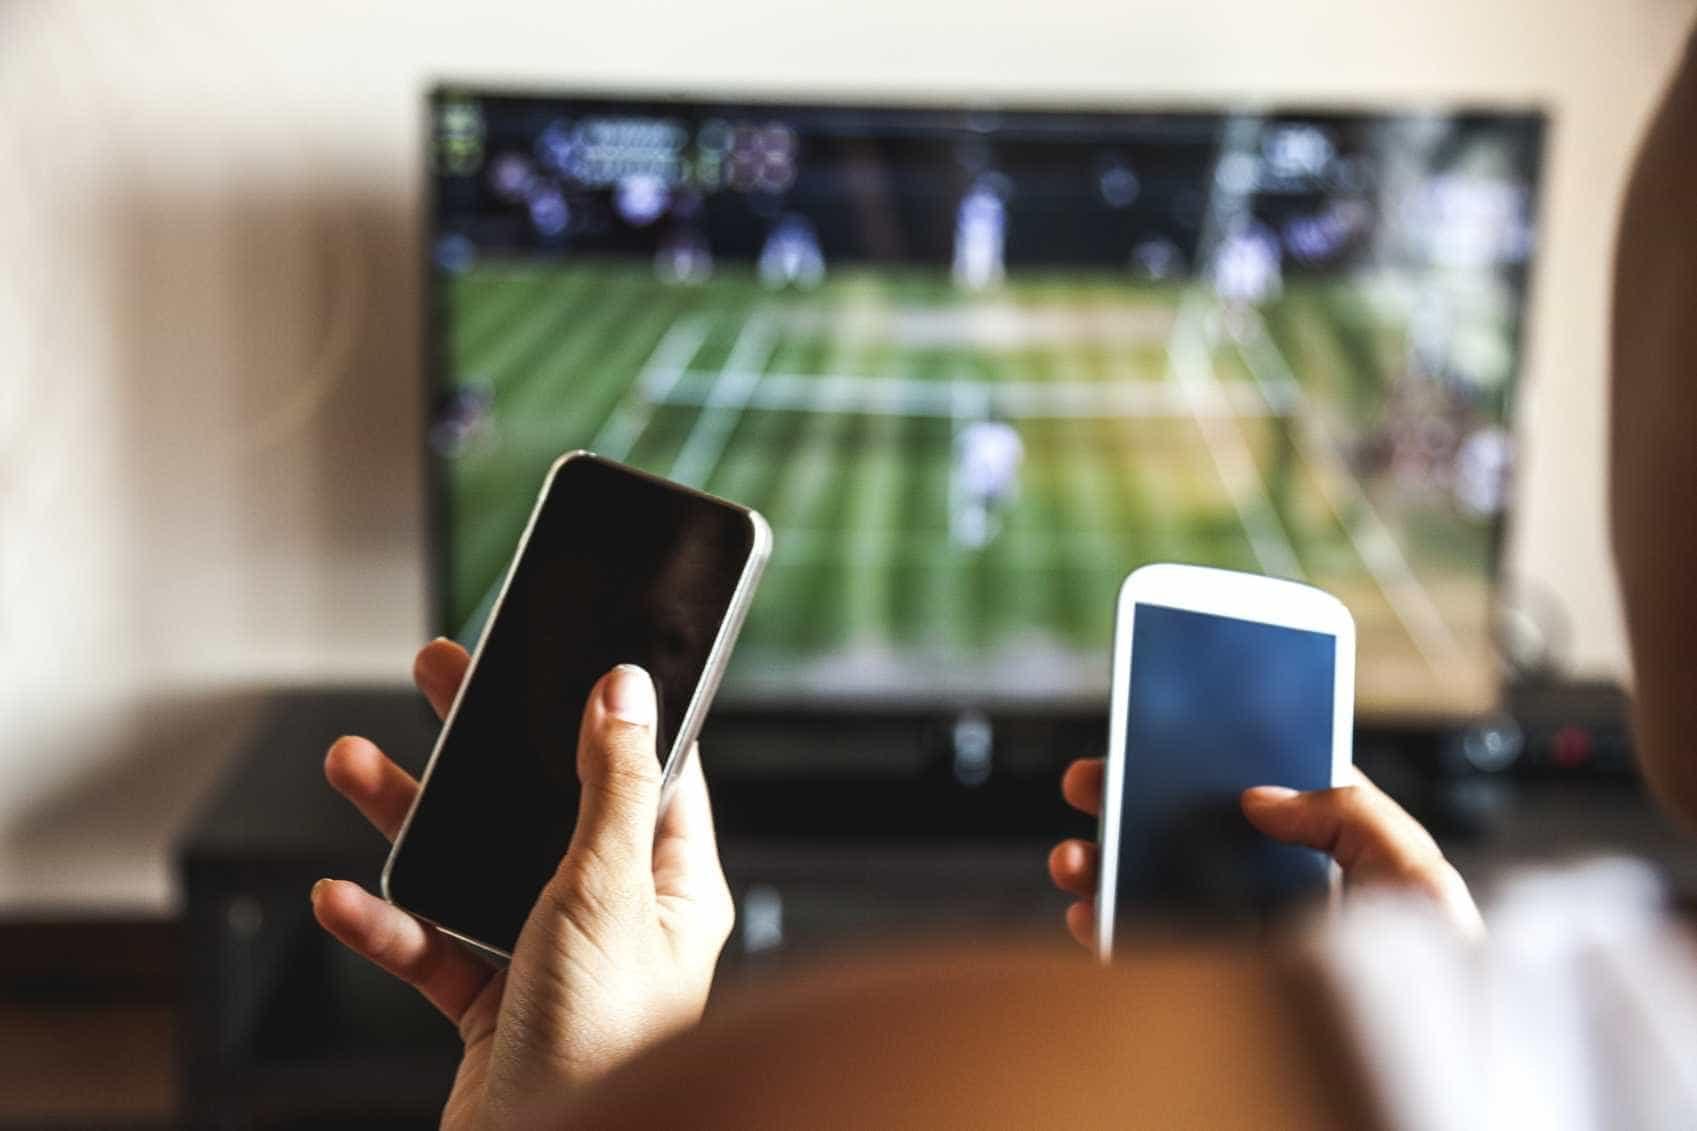 Portugueses compraram mais bens tecnológicos de consumo em 2018